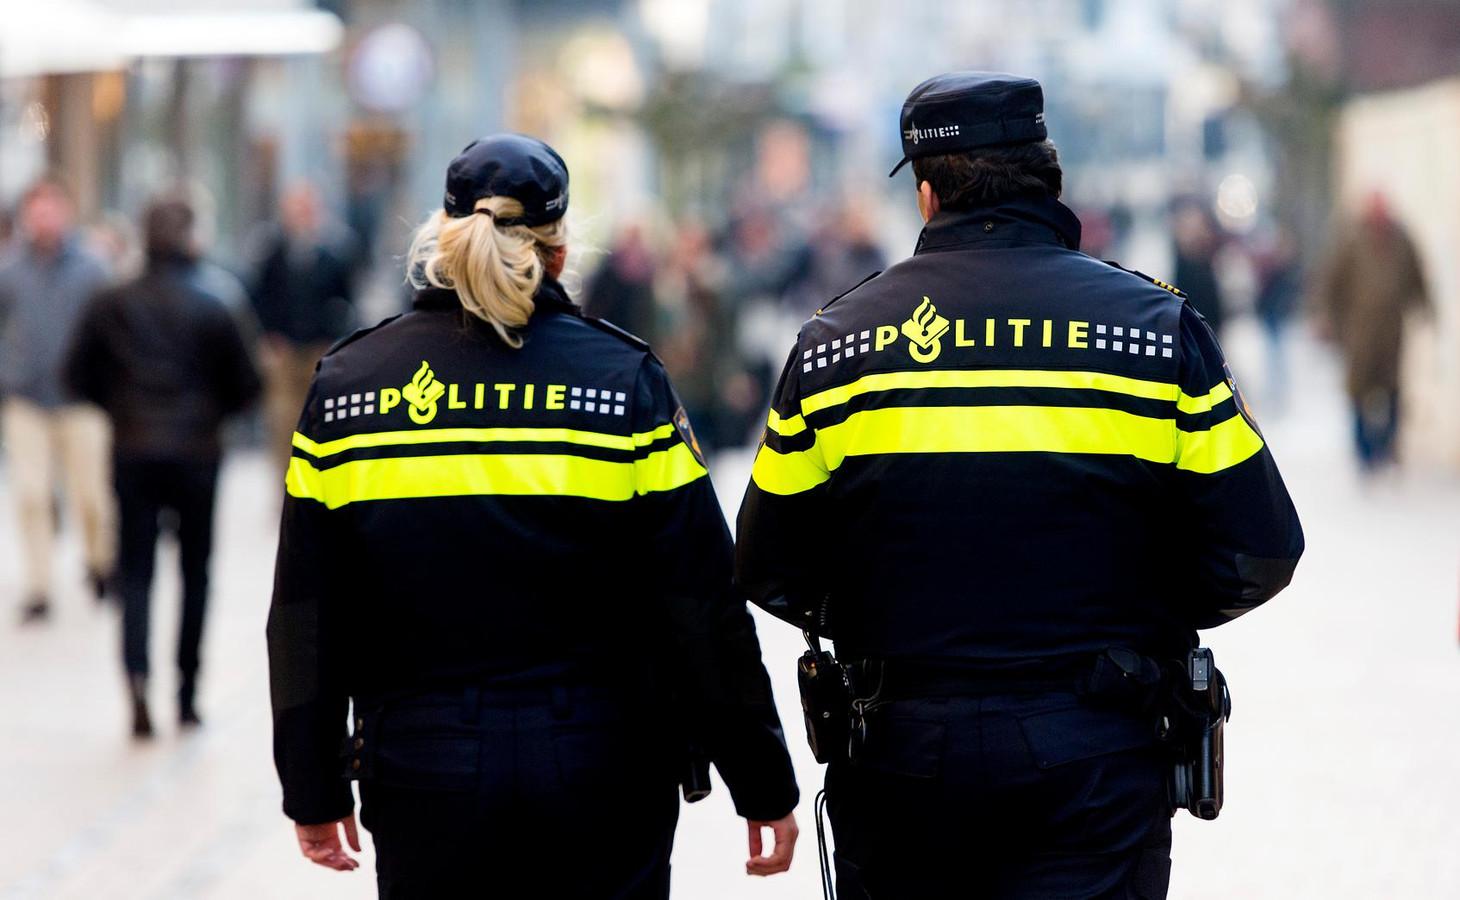 Haagse agenten hoeven niet te gaan bijhouden wie ze waarom staande houden in de stad.